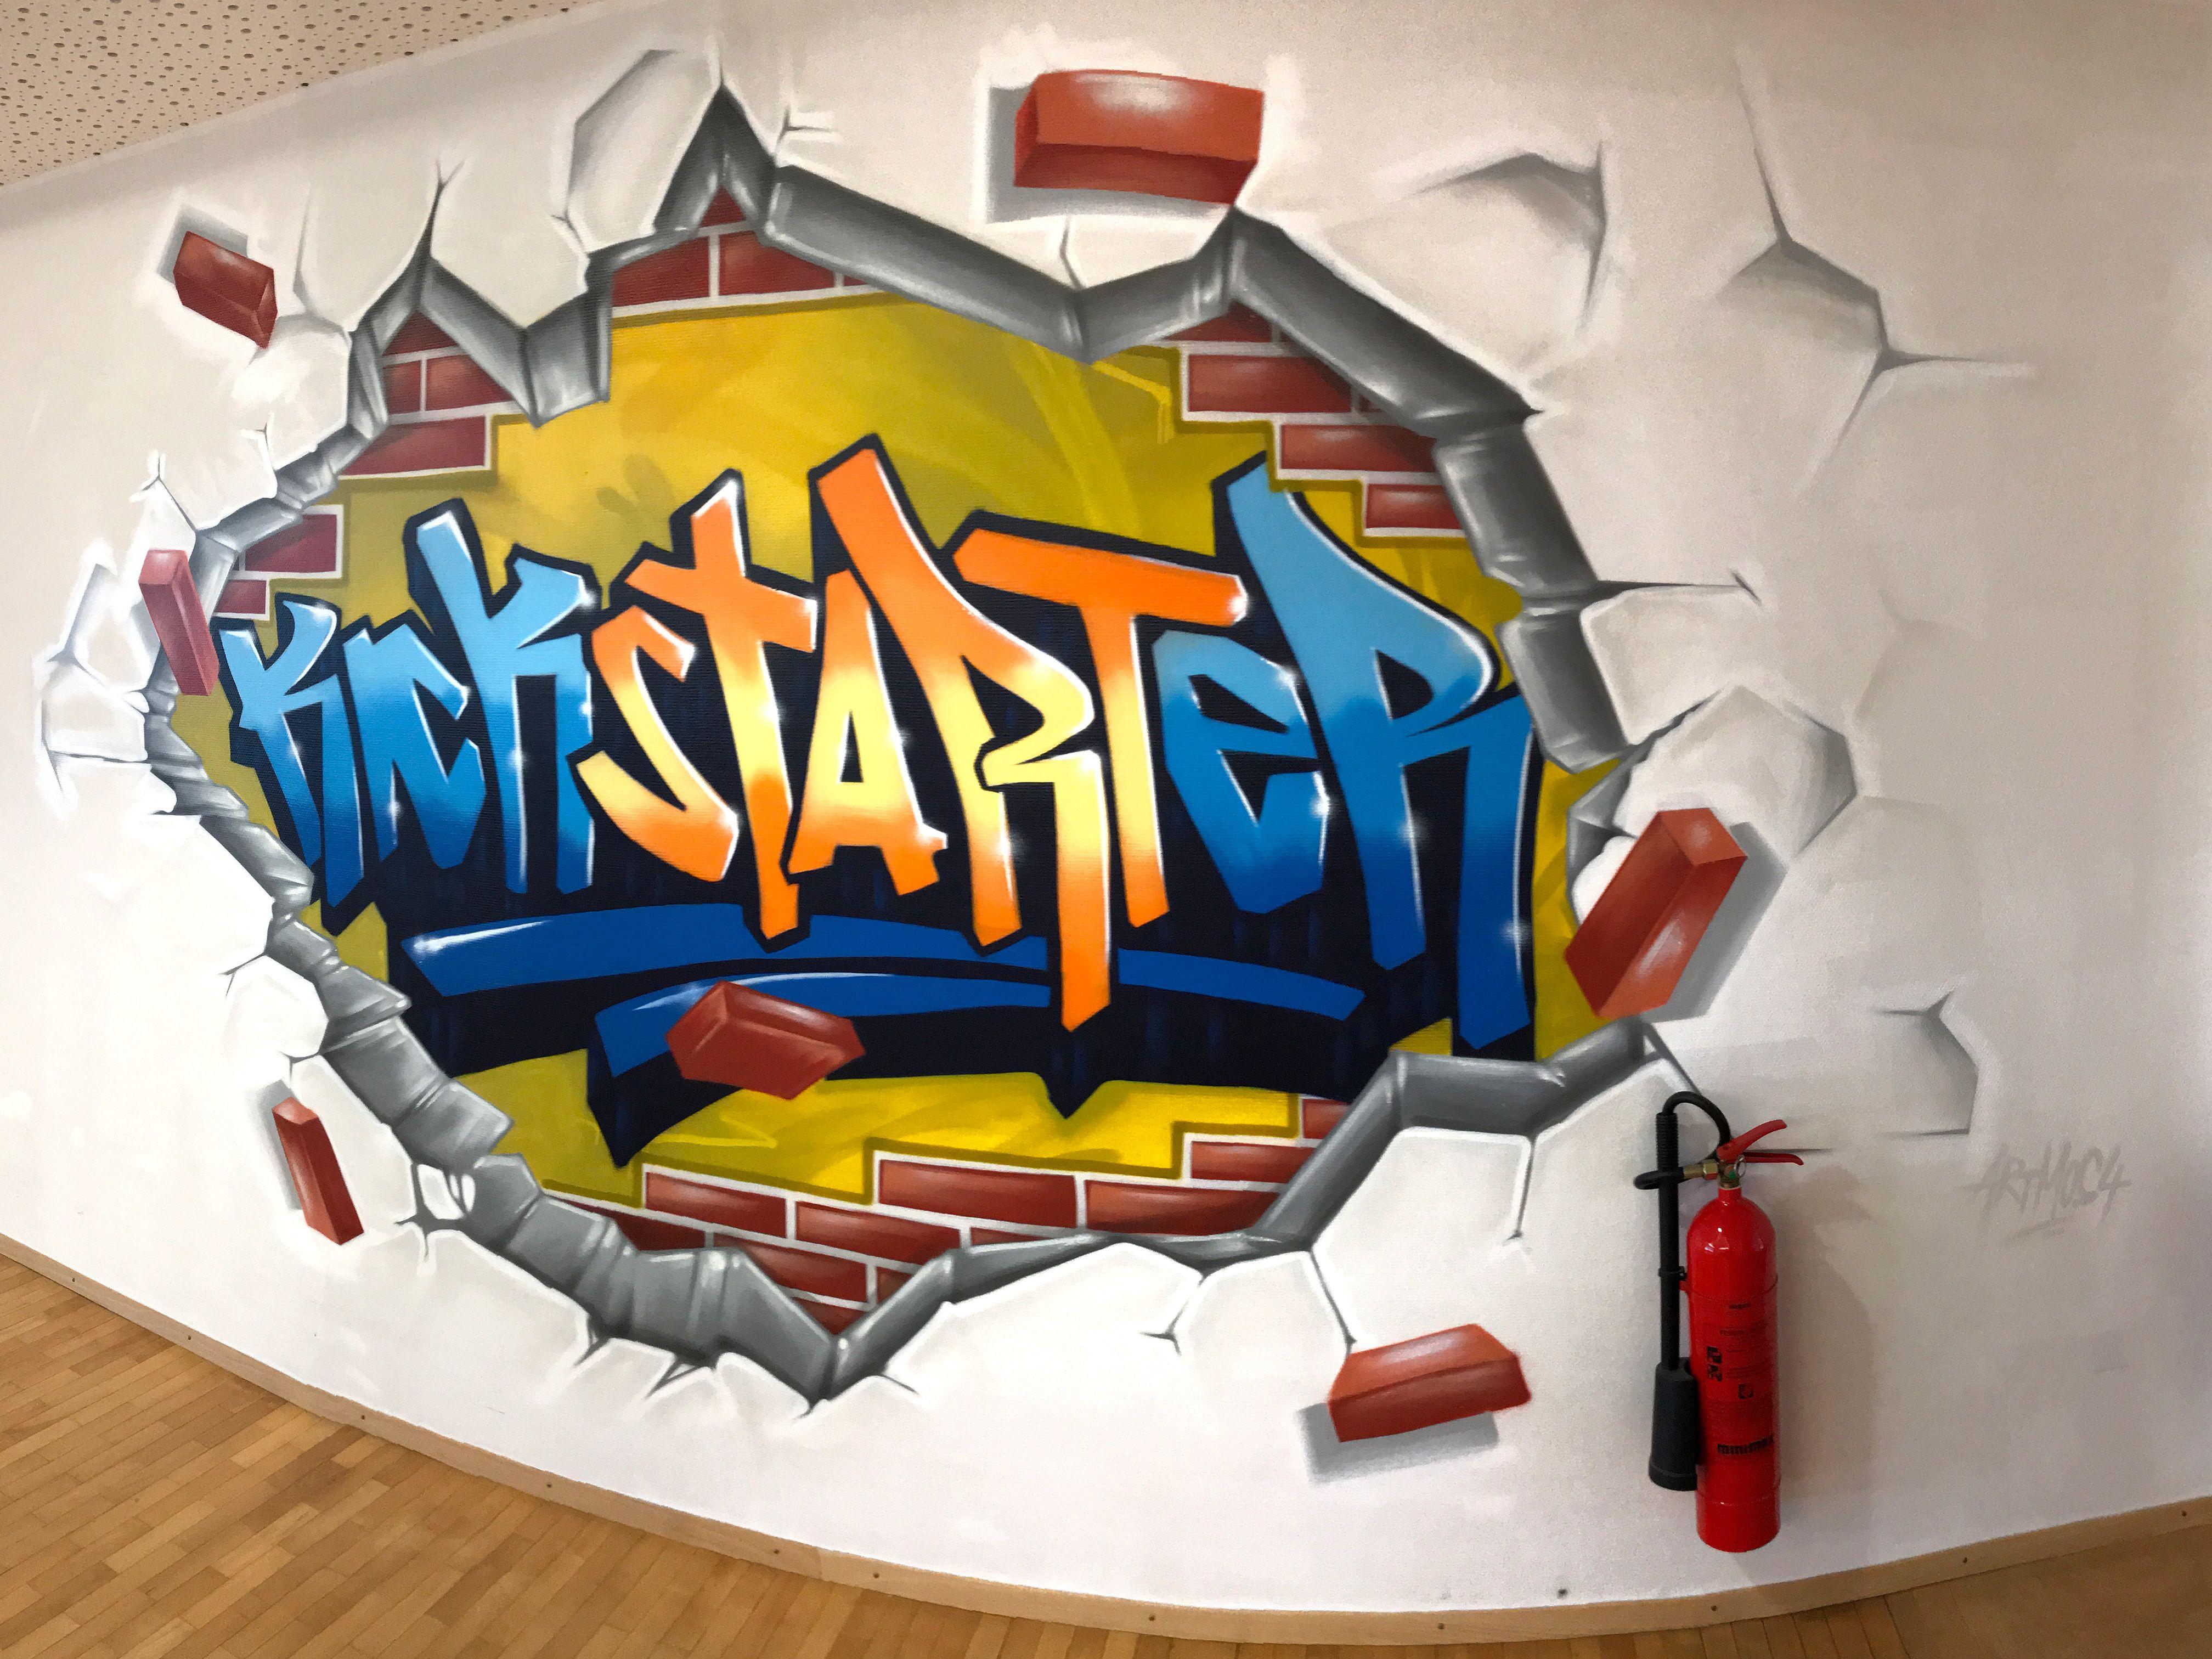 graffitiauftrag-graffitikuenstler-artmos4-Bosch_2017_schrift_graffiti_kickstarter_mauer_gelb_blau_orange_rot_innen